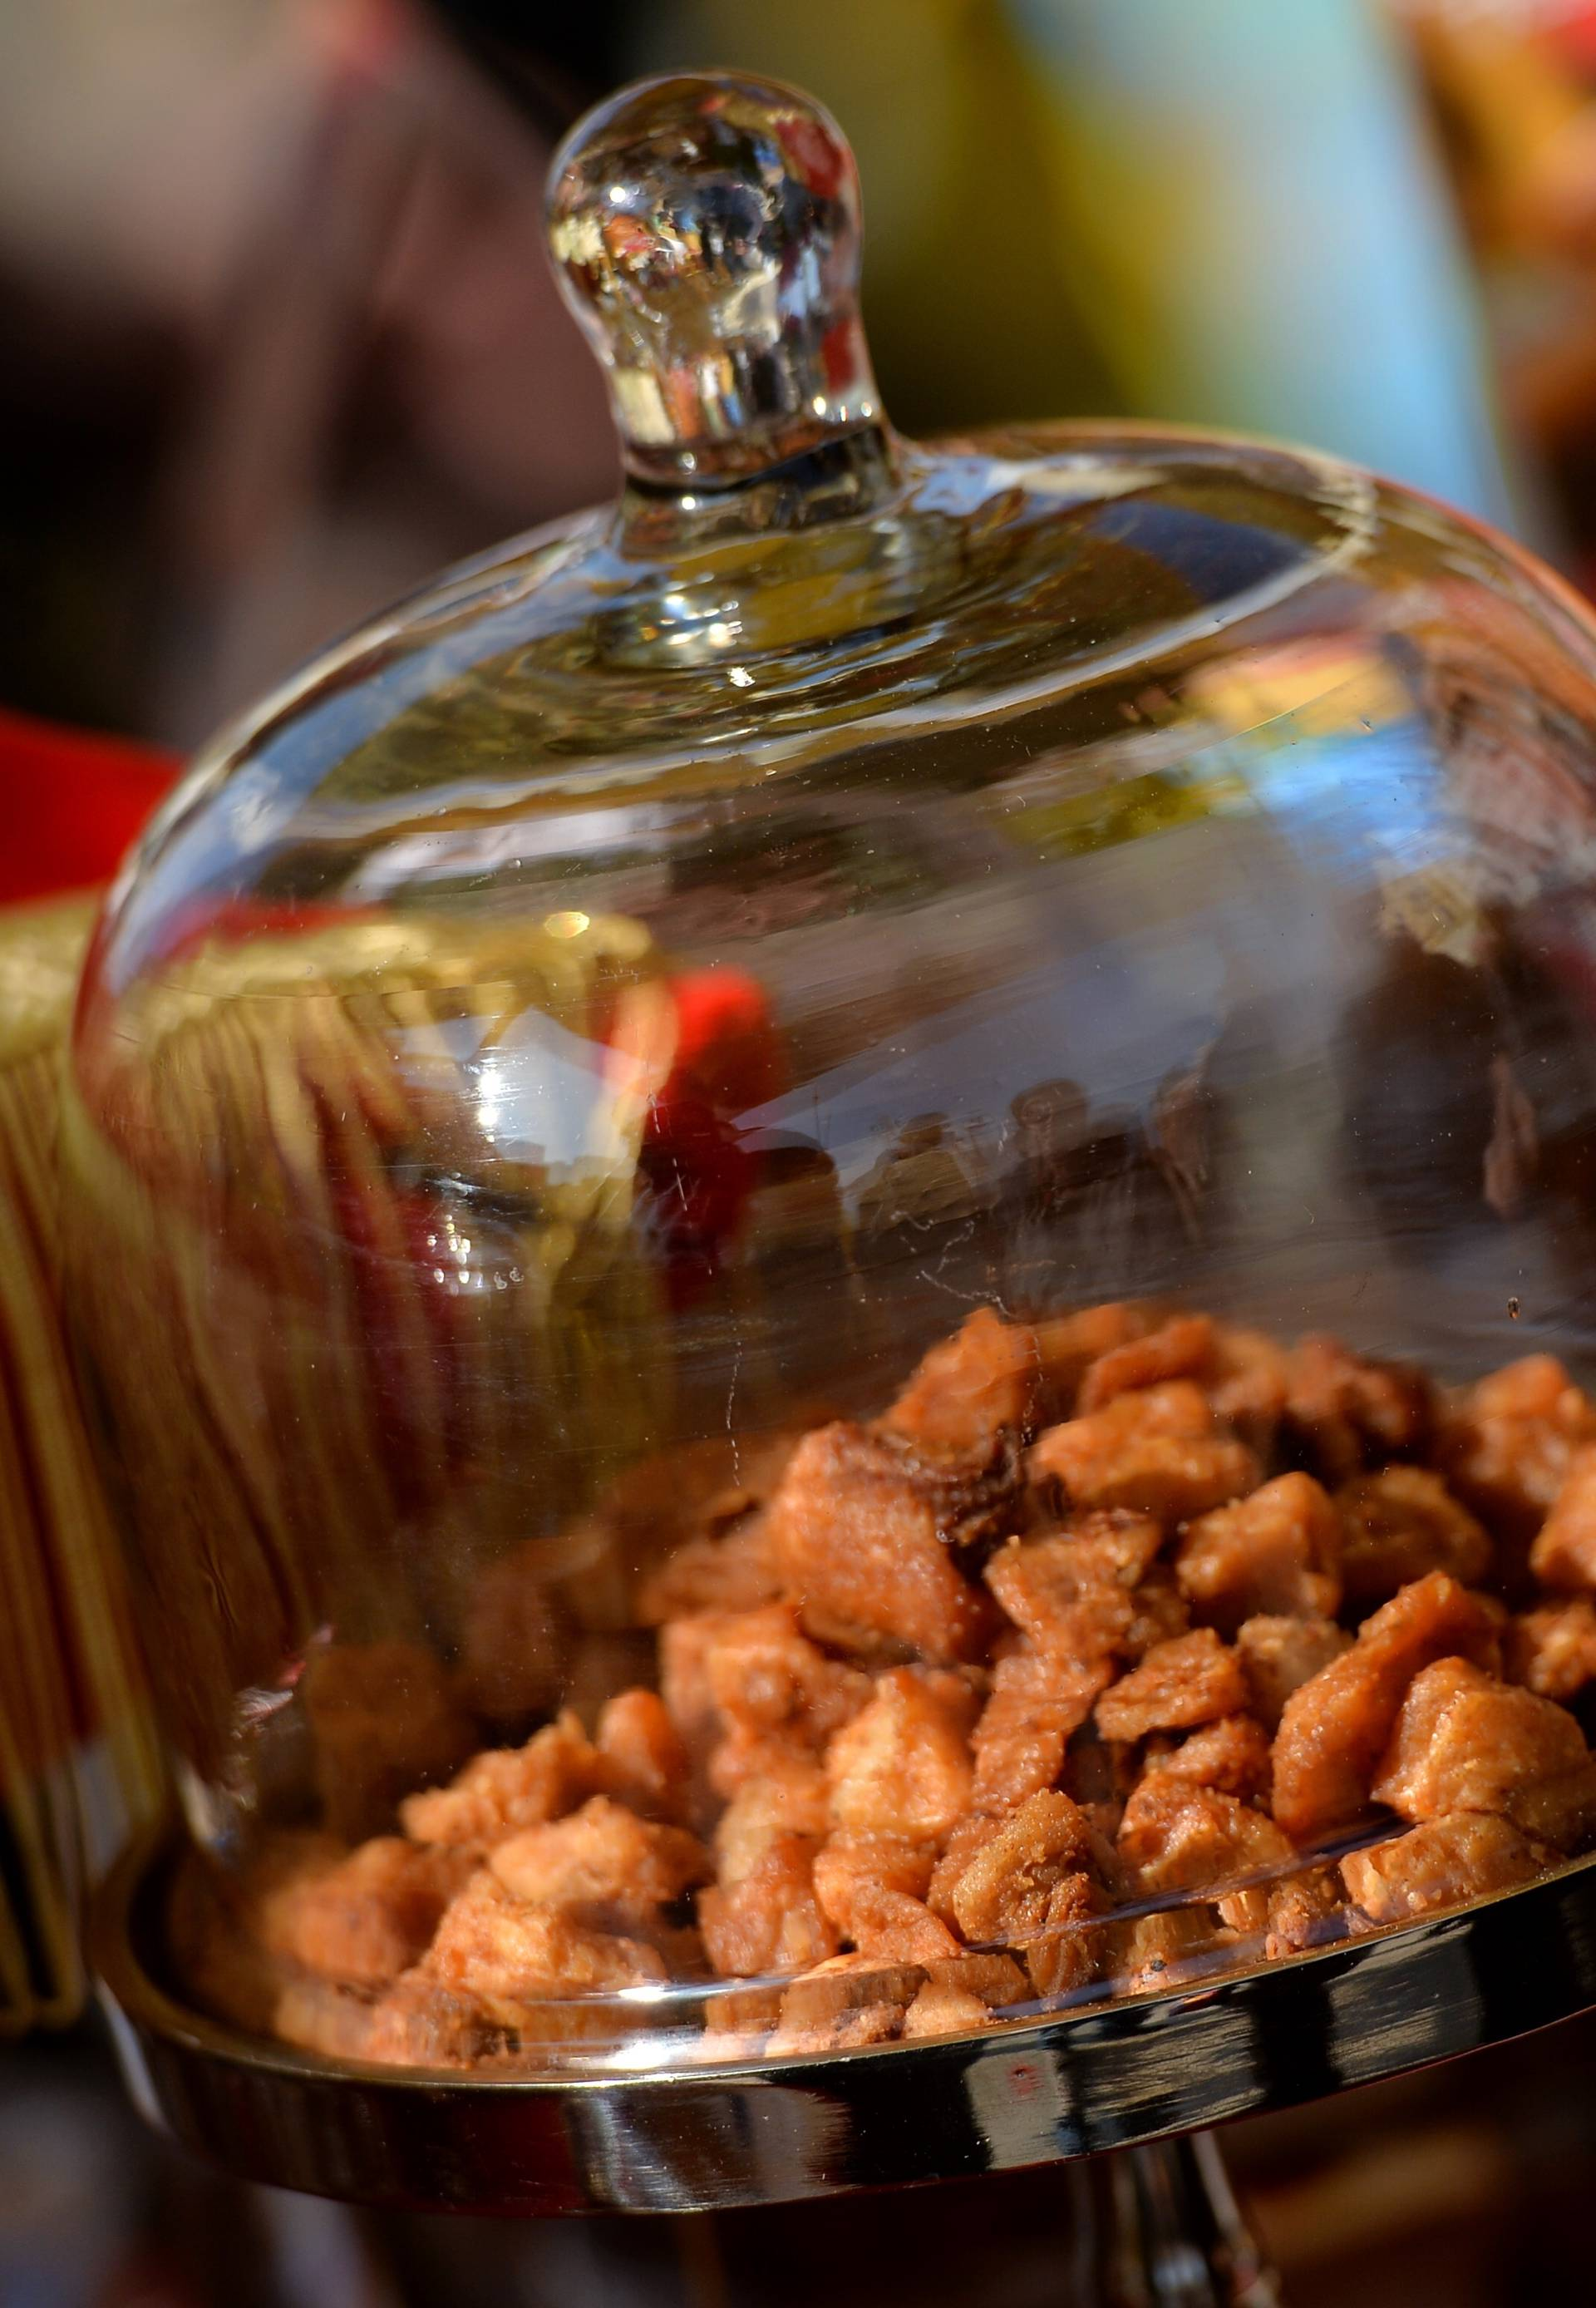 Čvarci skuplji od 200 kn zbog afričke svinjske kuge u Kini